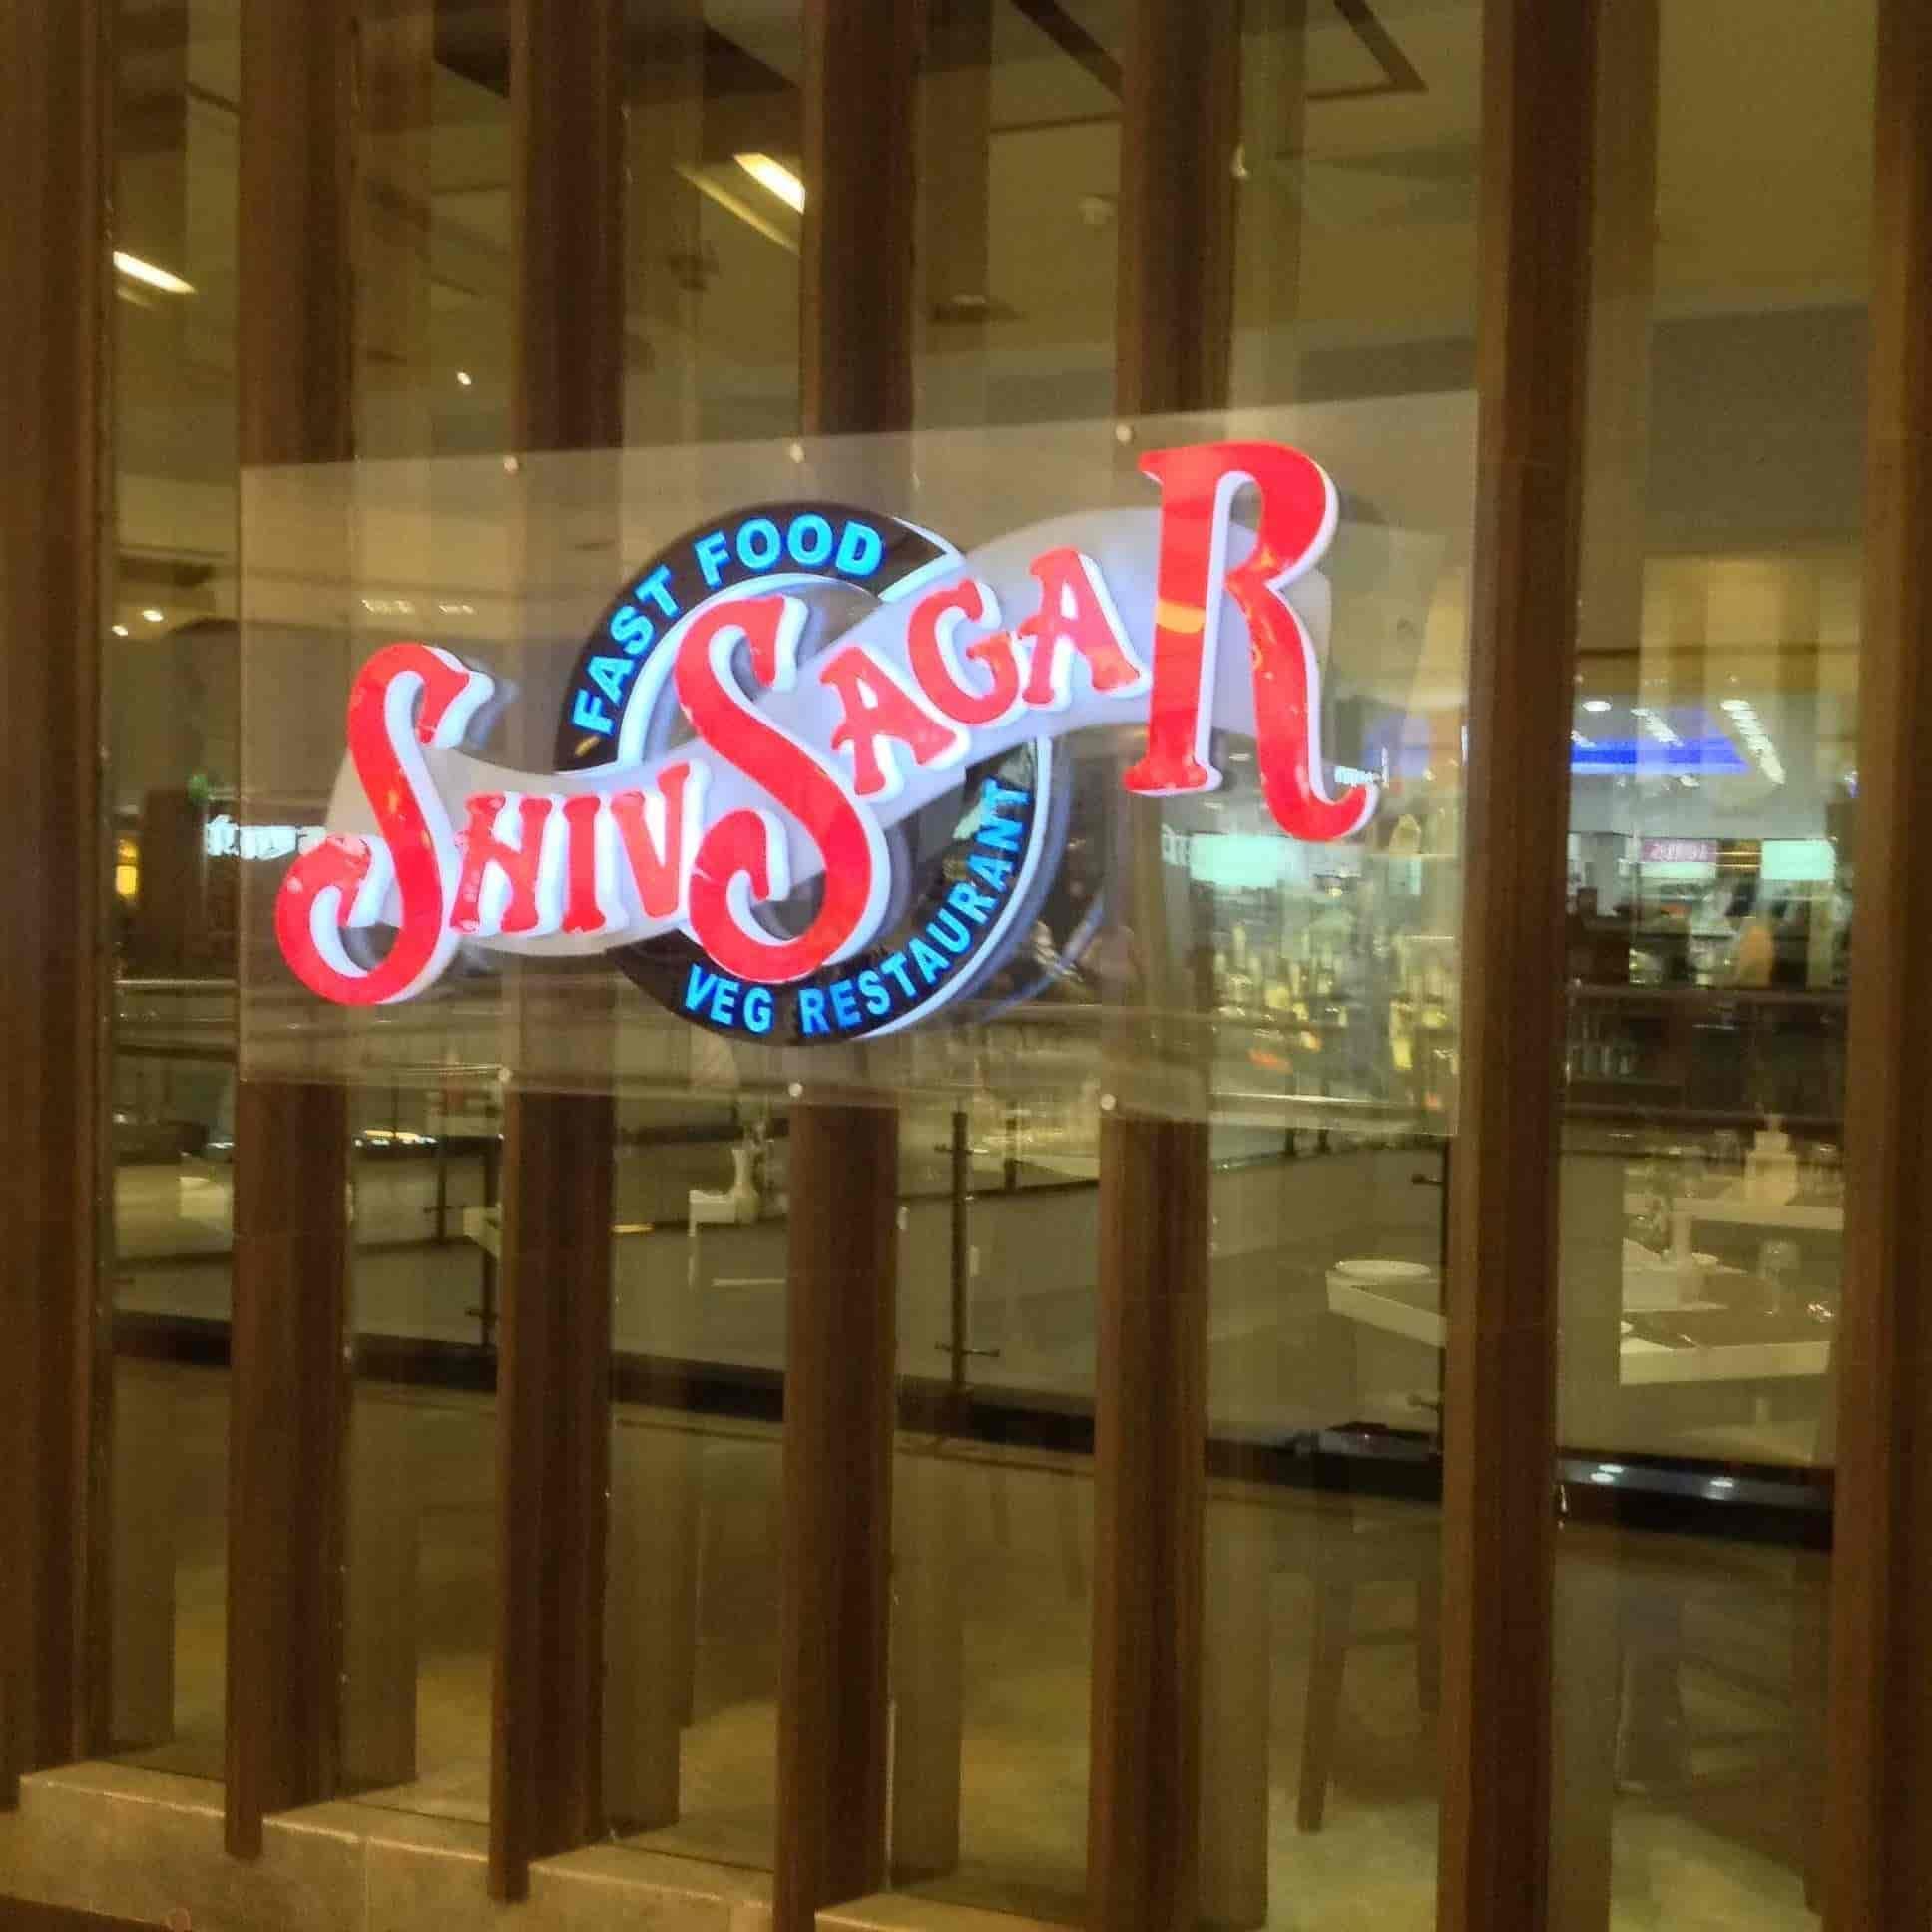 Shiv Sagar Veg Restaurant Phoenix Marketcity Mall Kurla